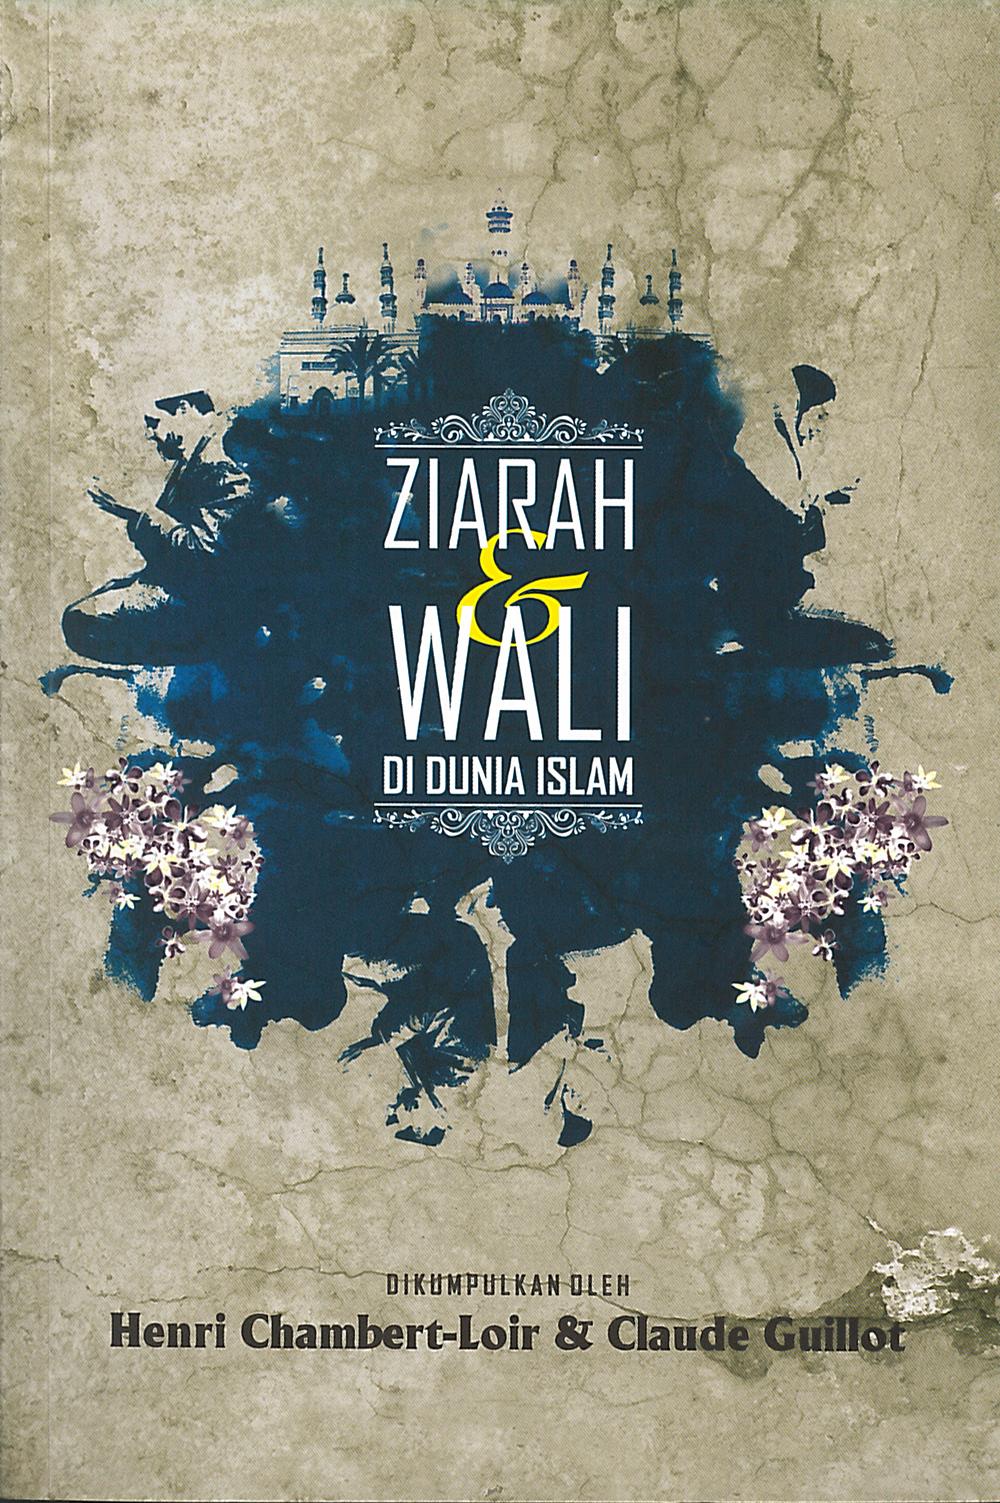 Ziarah dan Wali di Dunia Islam